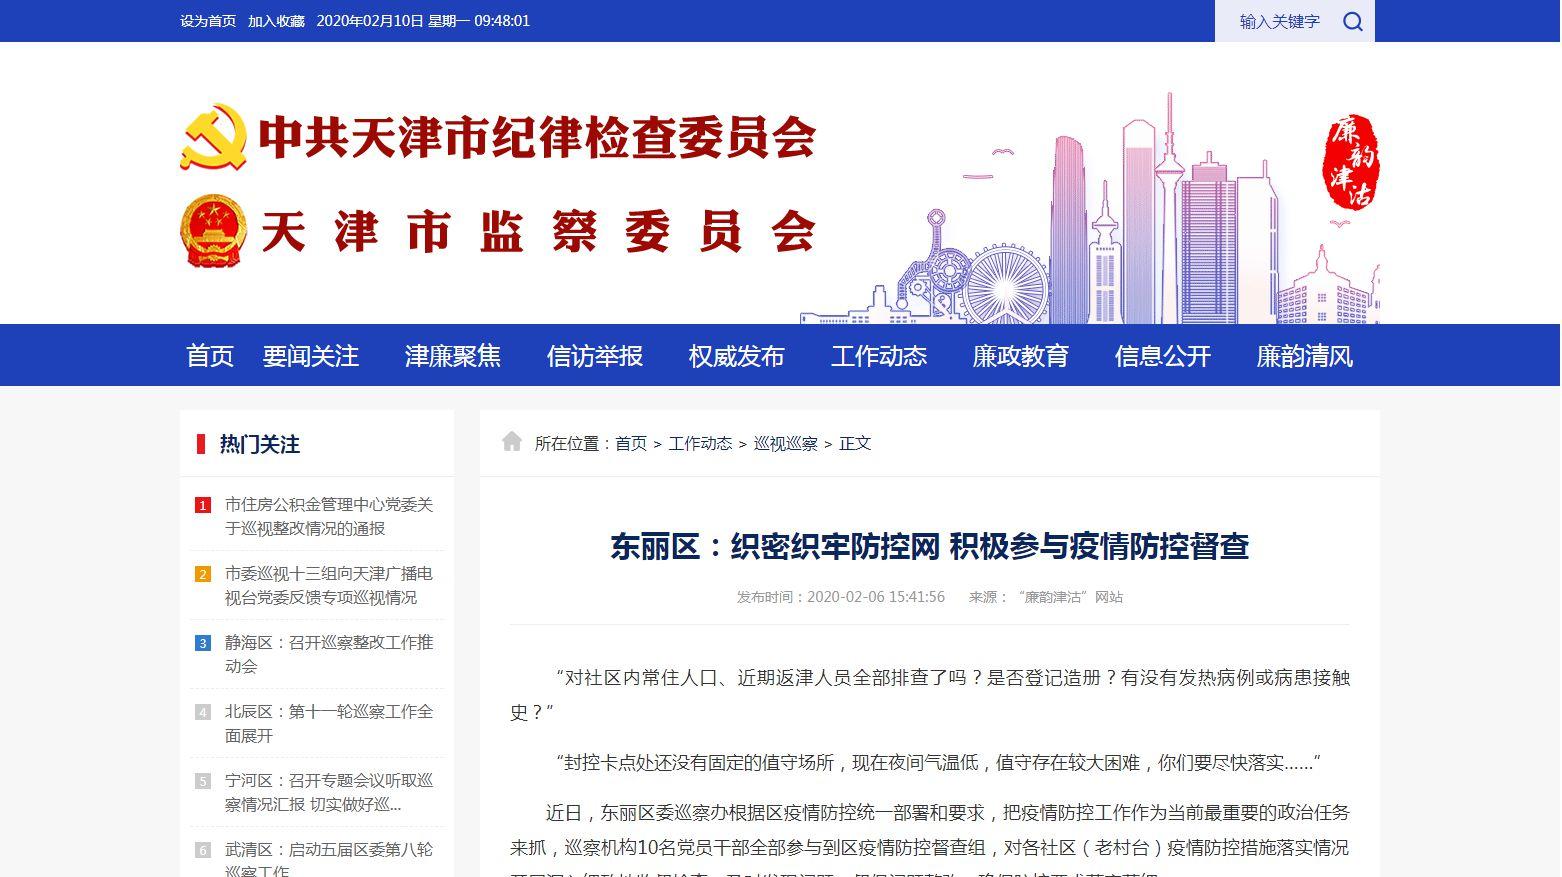 东丽区:积极履职尽责 全力护航疫情防控阻击战